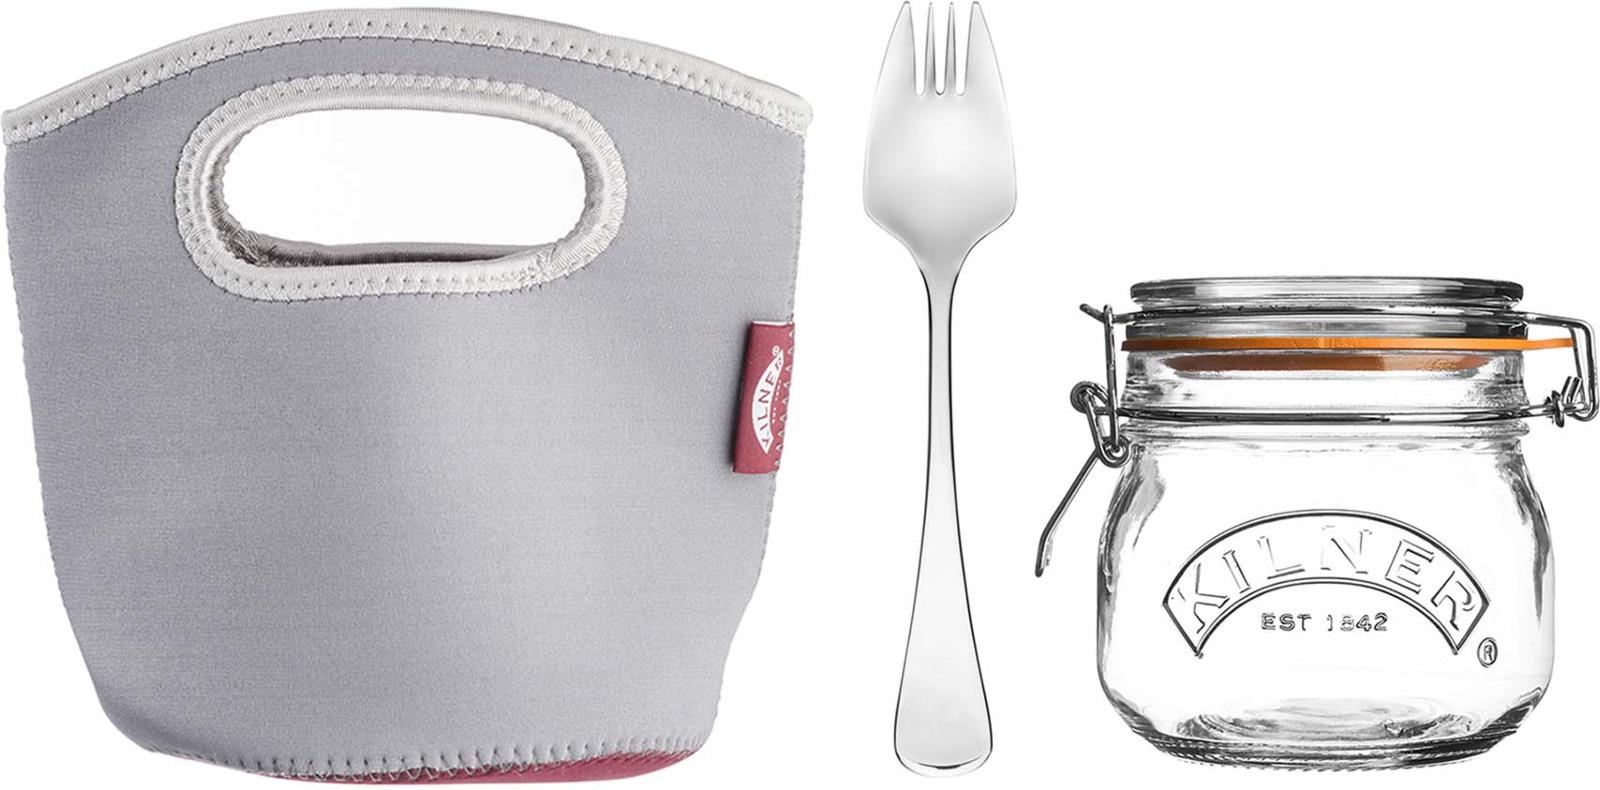 Набор для ланча с собой Kilner Prepare: банка 500 мл, ложка, сумка-переноска